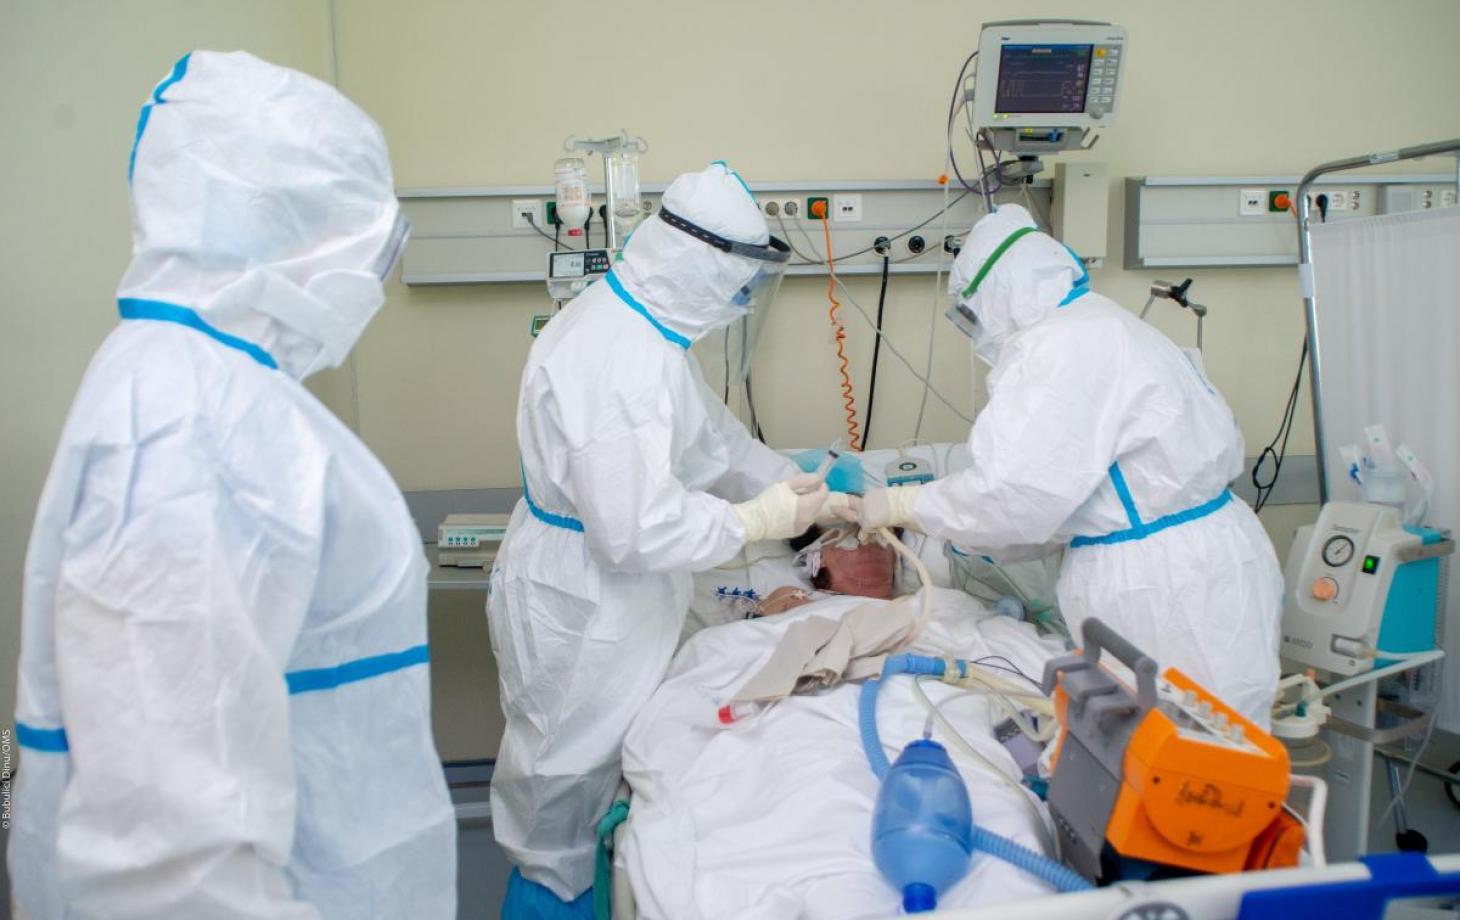 В британско-шведской компании AstraZeneca заявили, что их вакцина предотвращает тяжелую форму COVID-19